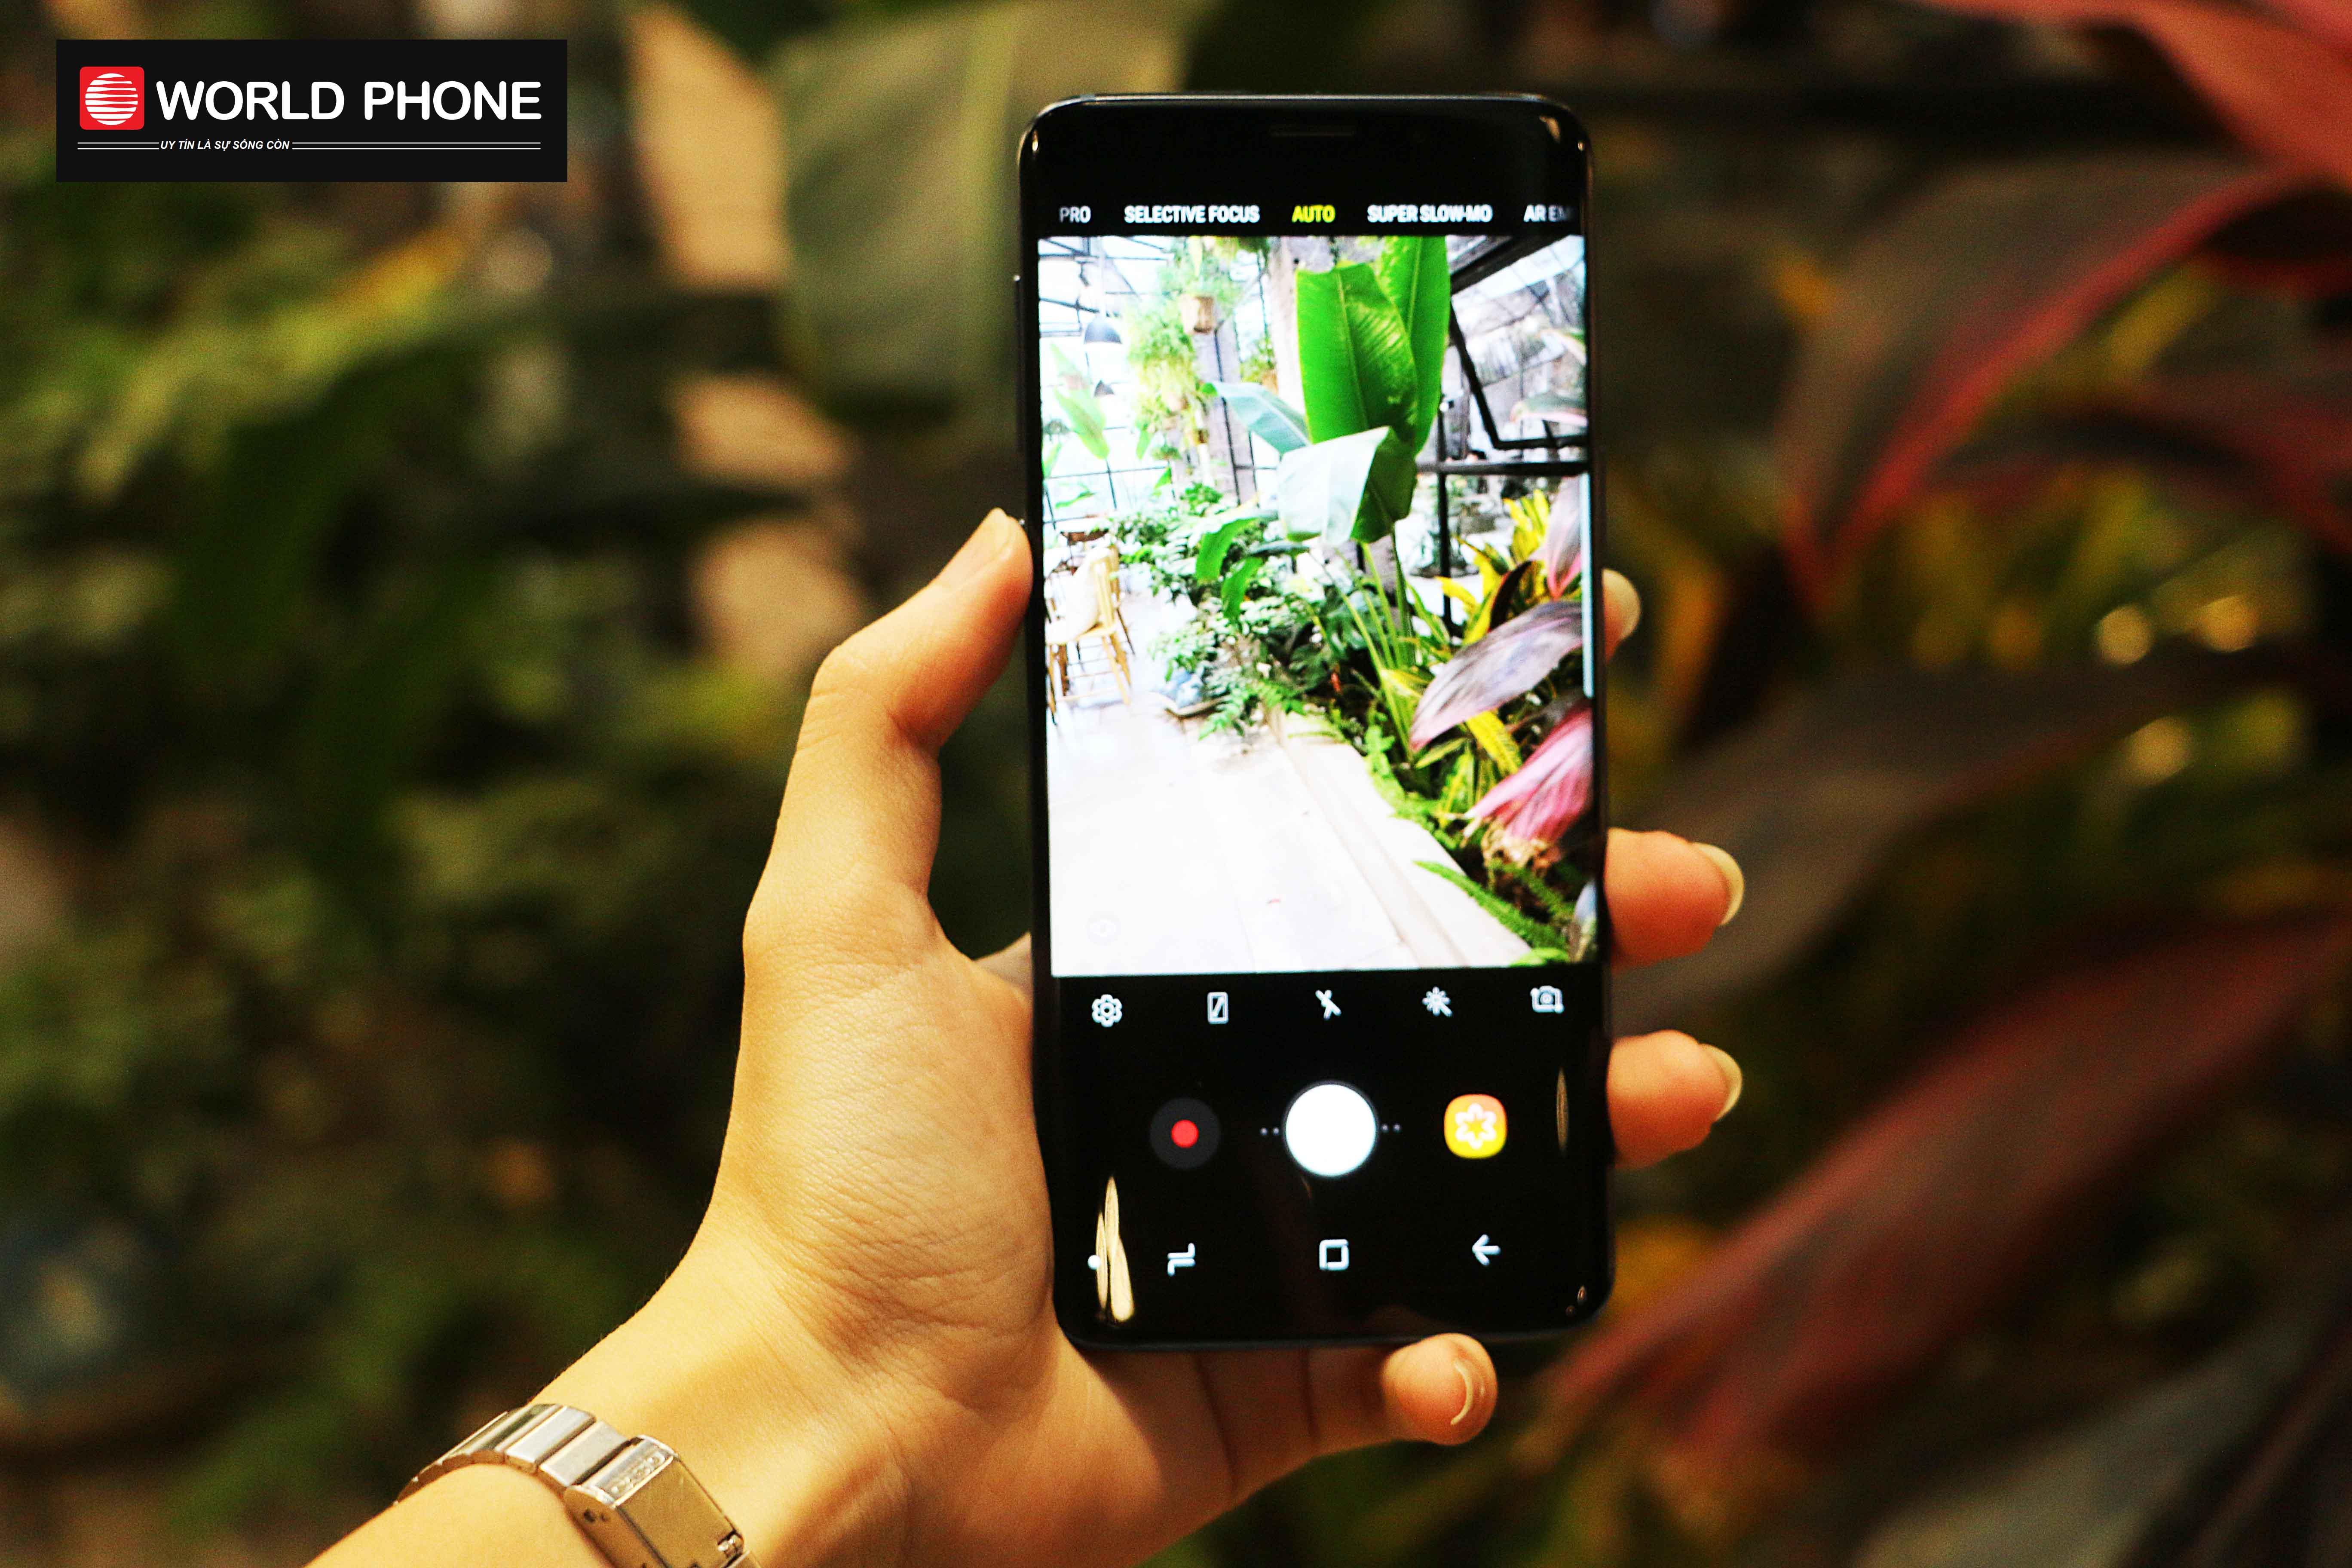 """Cặp đôi S9 sở hữu camera """"nịnh mắt"""", cung cấp vô số tính năng camera siêu thiết thực và hiệu quả hình ảnh sống động cho người dùng"""